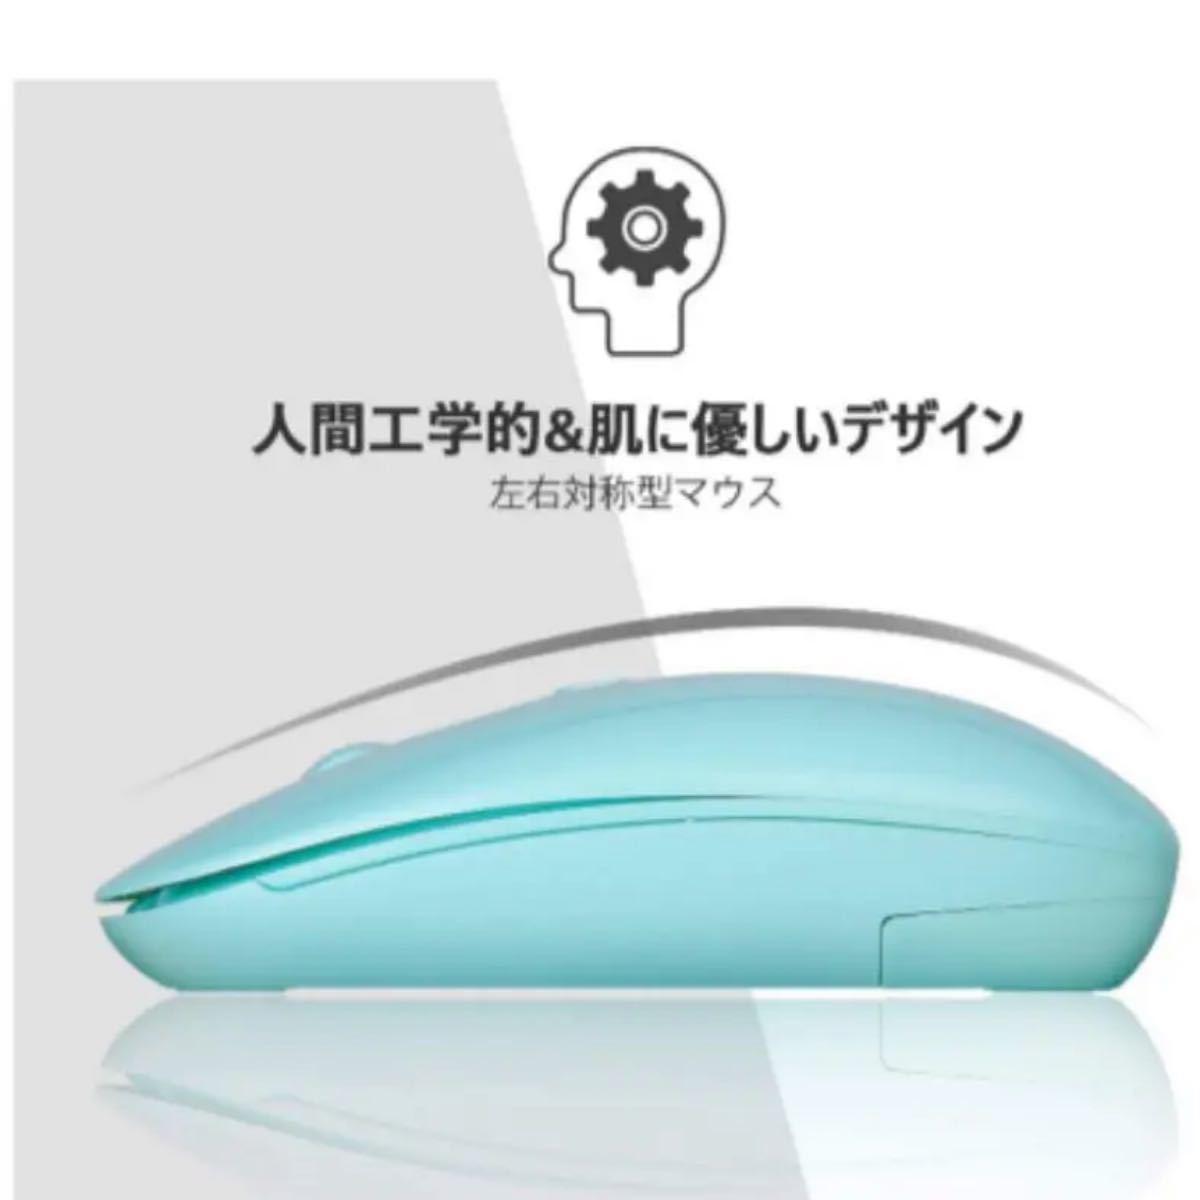 ワイヤレスマウス 小型 無線マウス 電池式 2.4GHz 800/1200/1600DPI 高精度